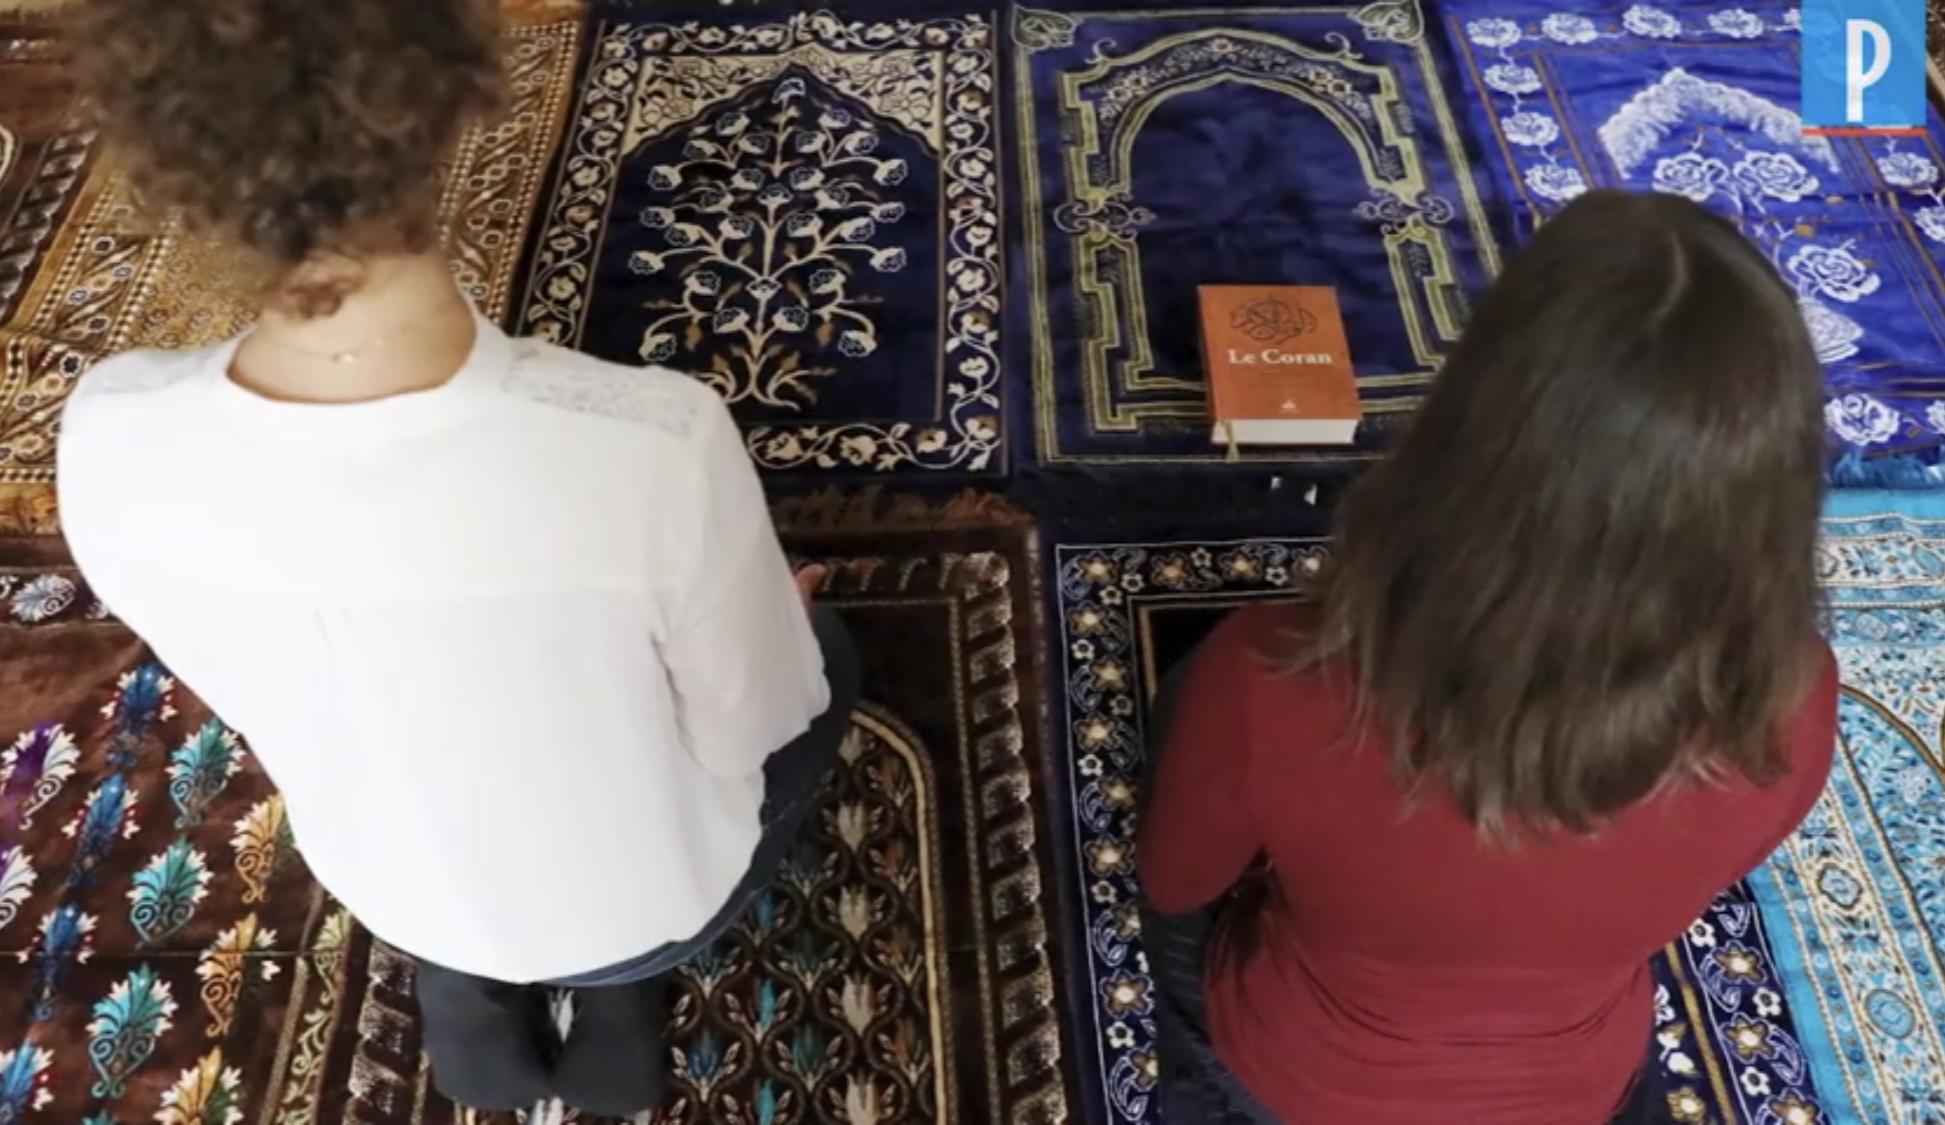 فيديو/شاهدوا أول إمرأة إمام مسجد بفرنسا بدون حجاب